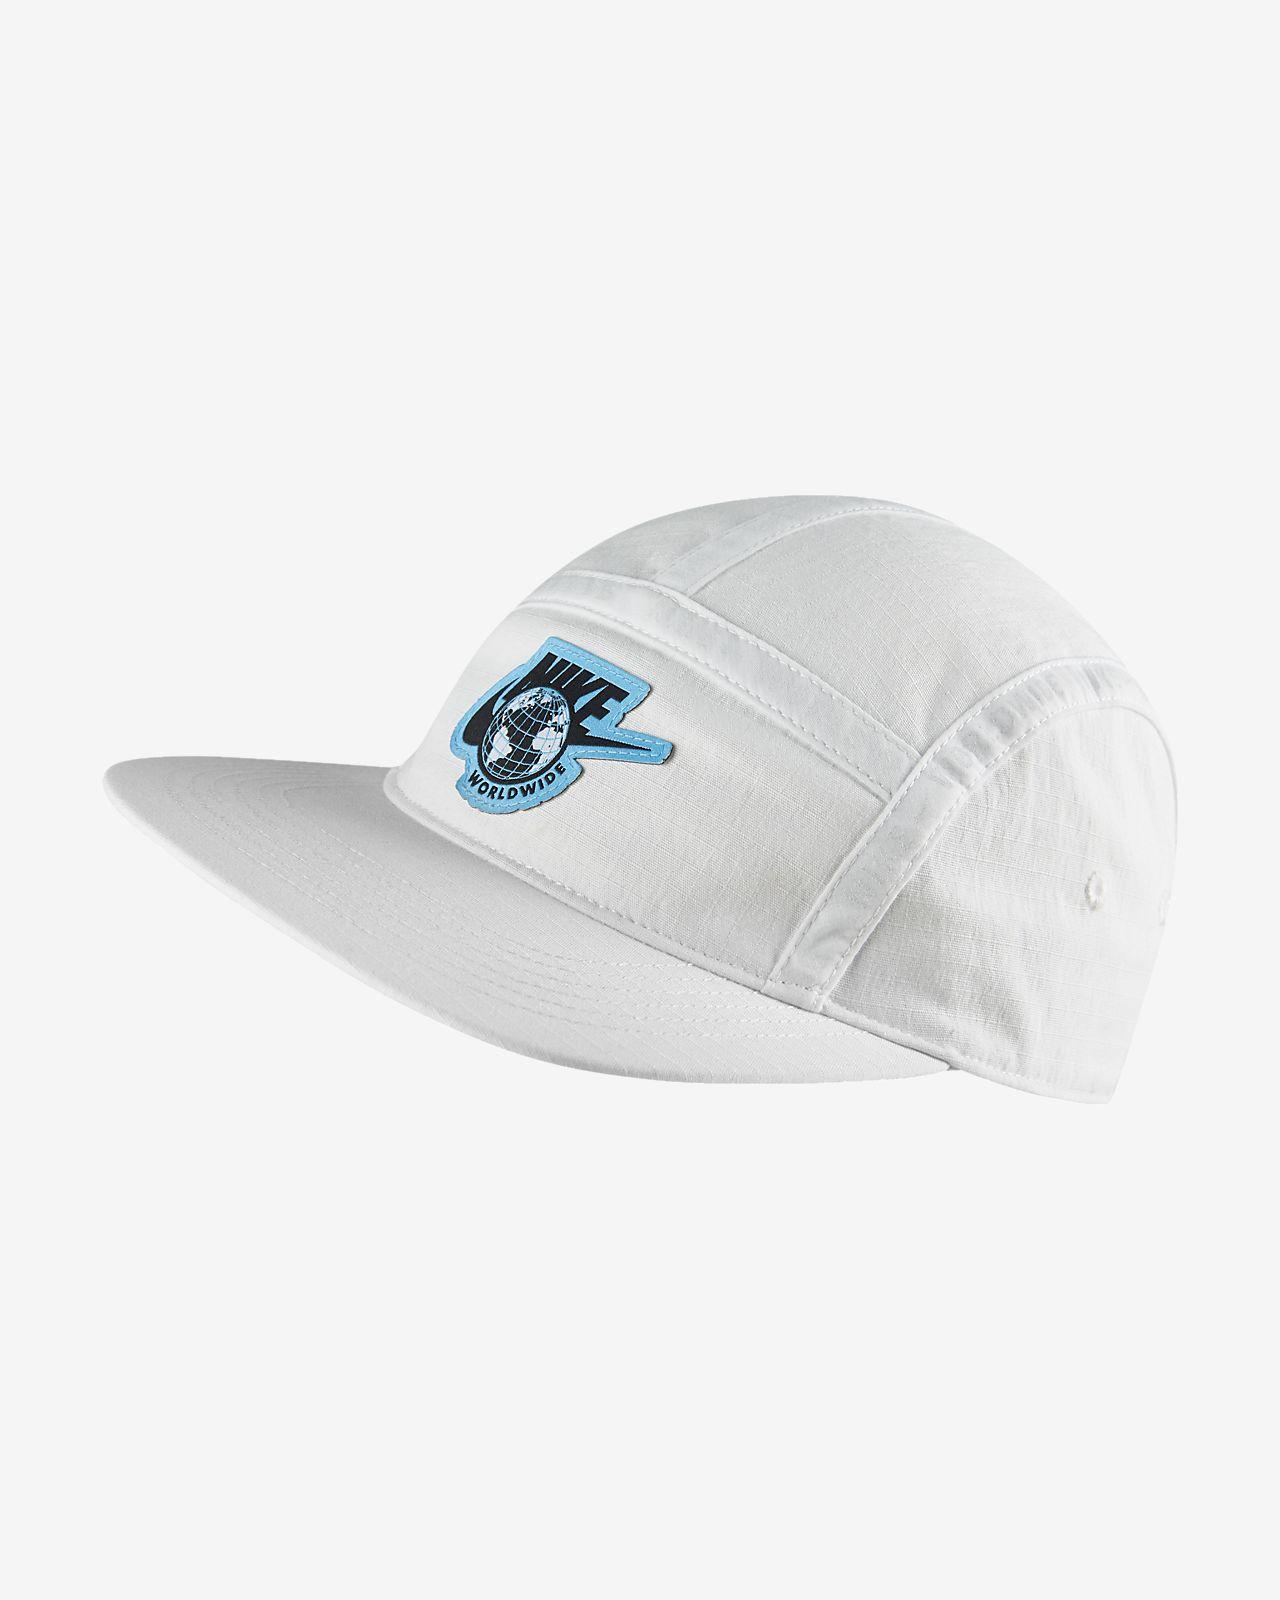 หมวกแก๊ปปรับได้ Nike Sportswear Worldwide